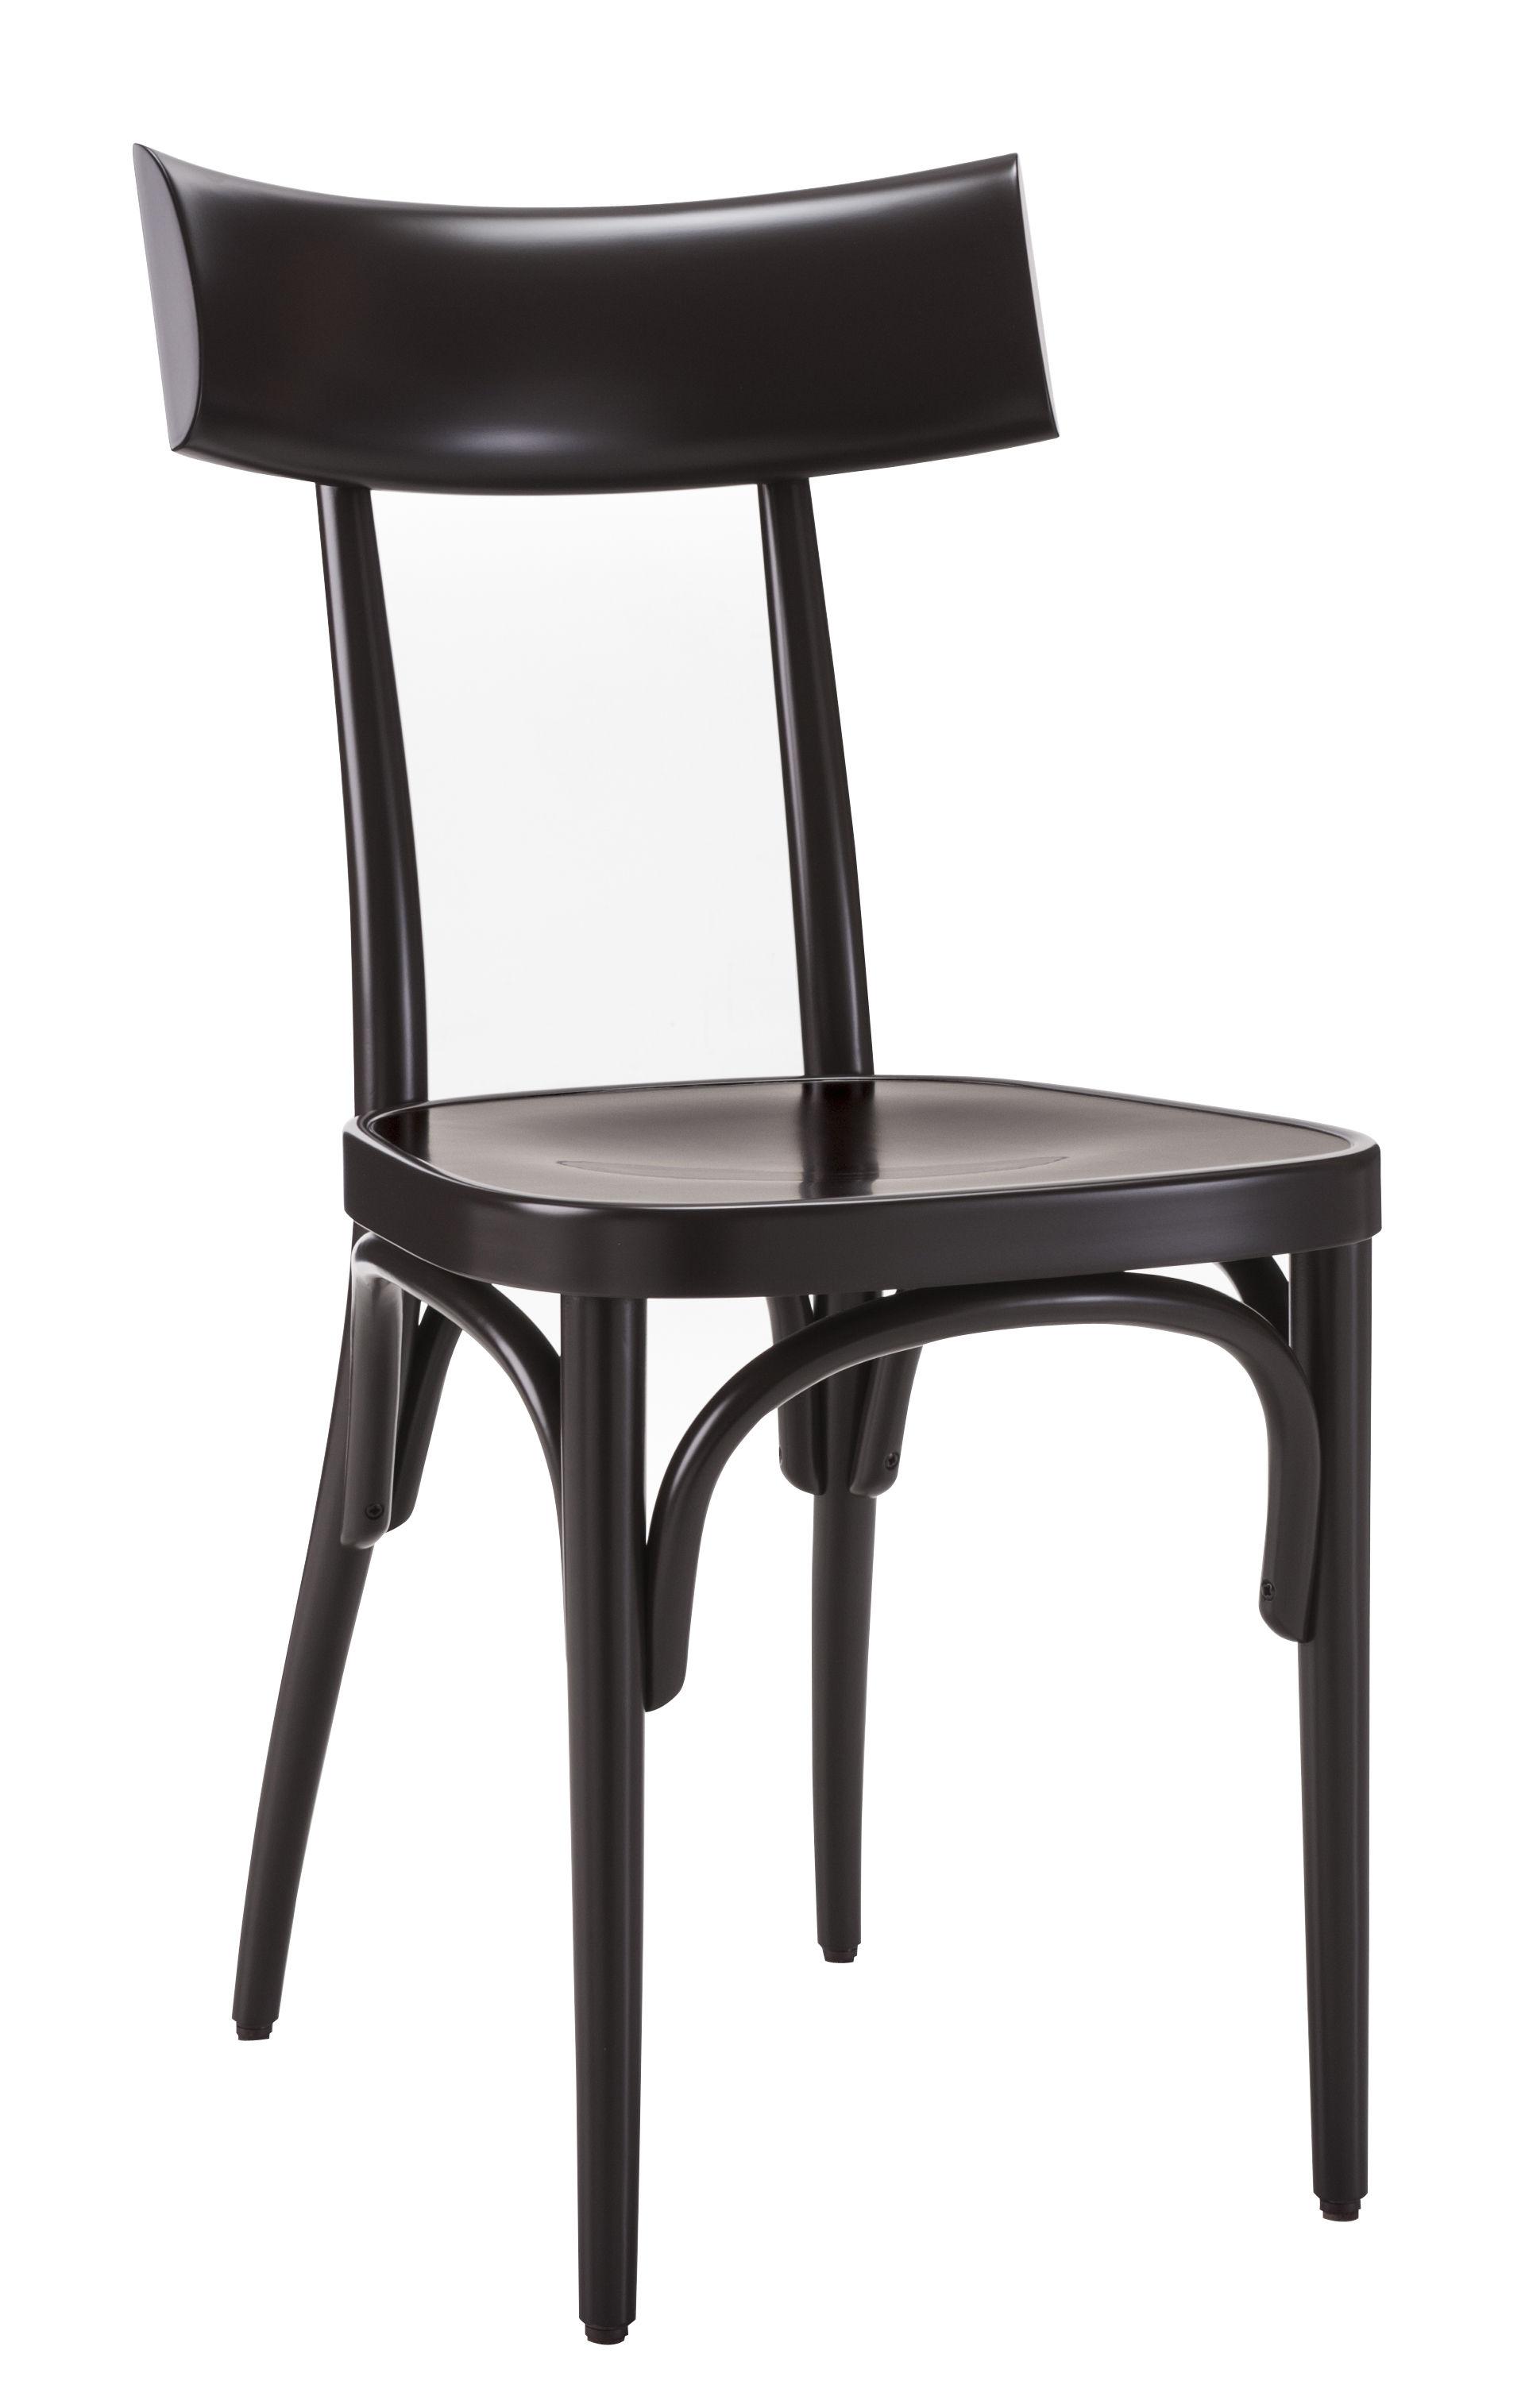 Arredamento - Sedie  - Sedia Czech - / Legno di Wiener GTV Design - Nero / Gambe nere - Compensato di faggio, Faggio massello curvato